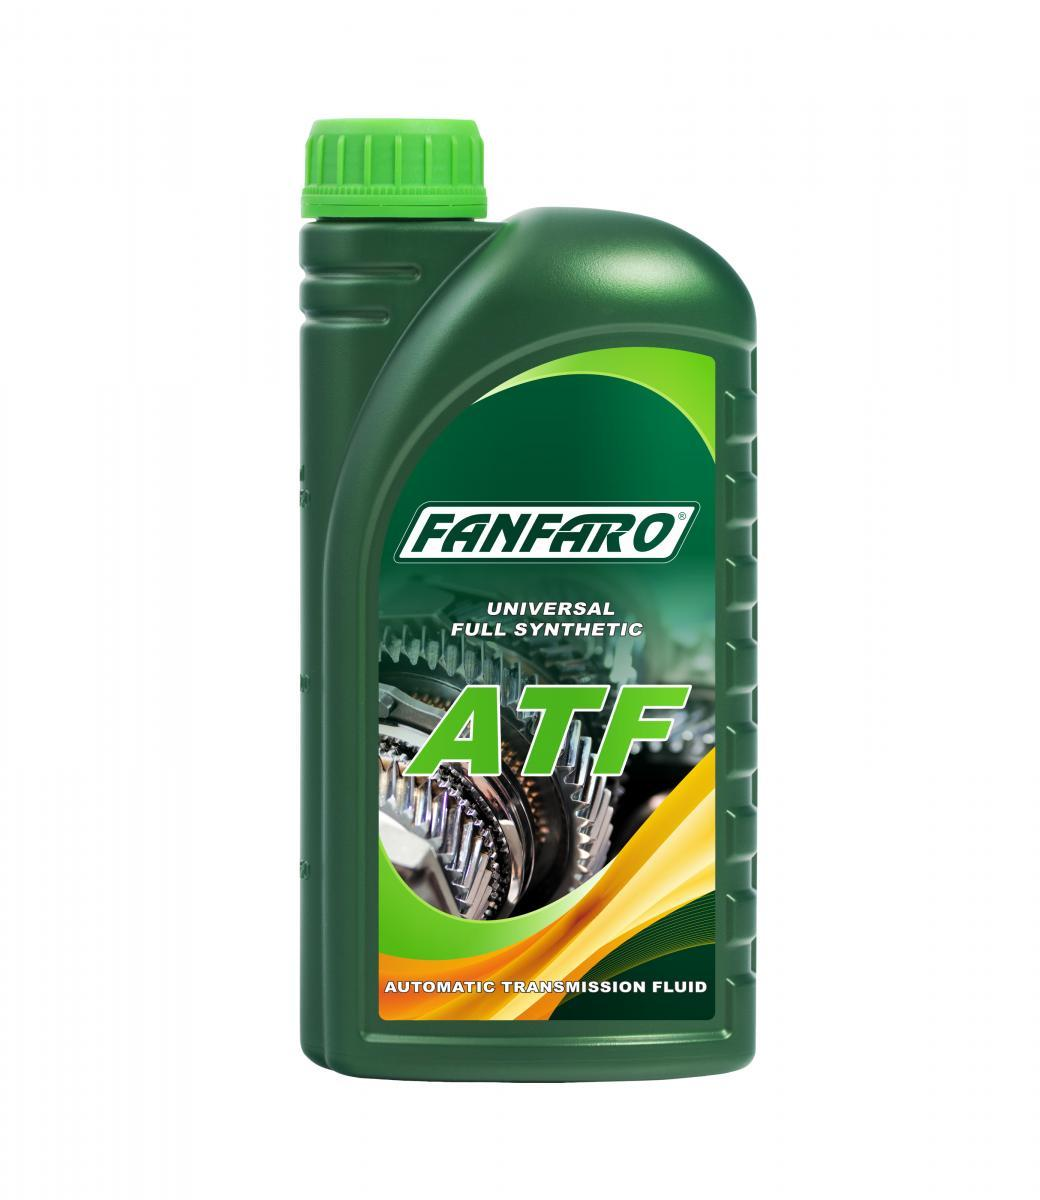 OE Original Getriebeöl und Verteilergetriebeöl FF8602-1 FANFARO